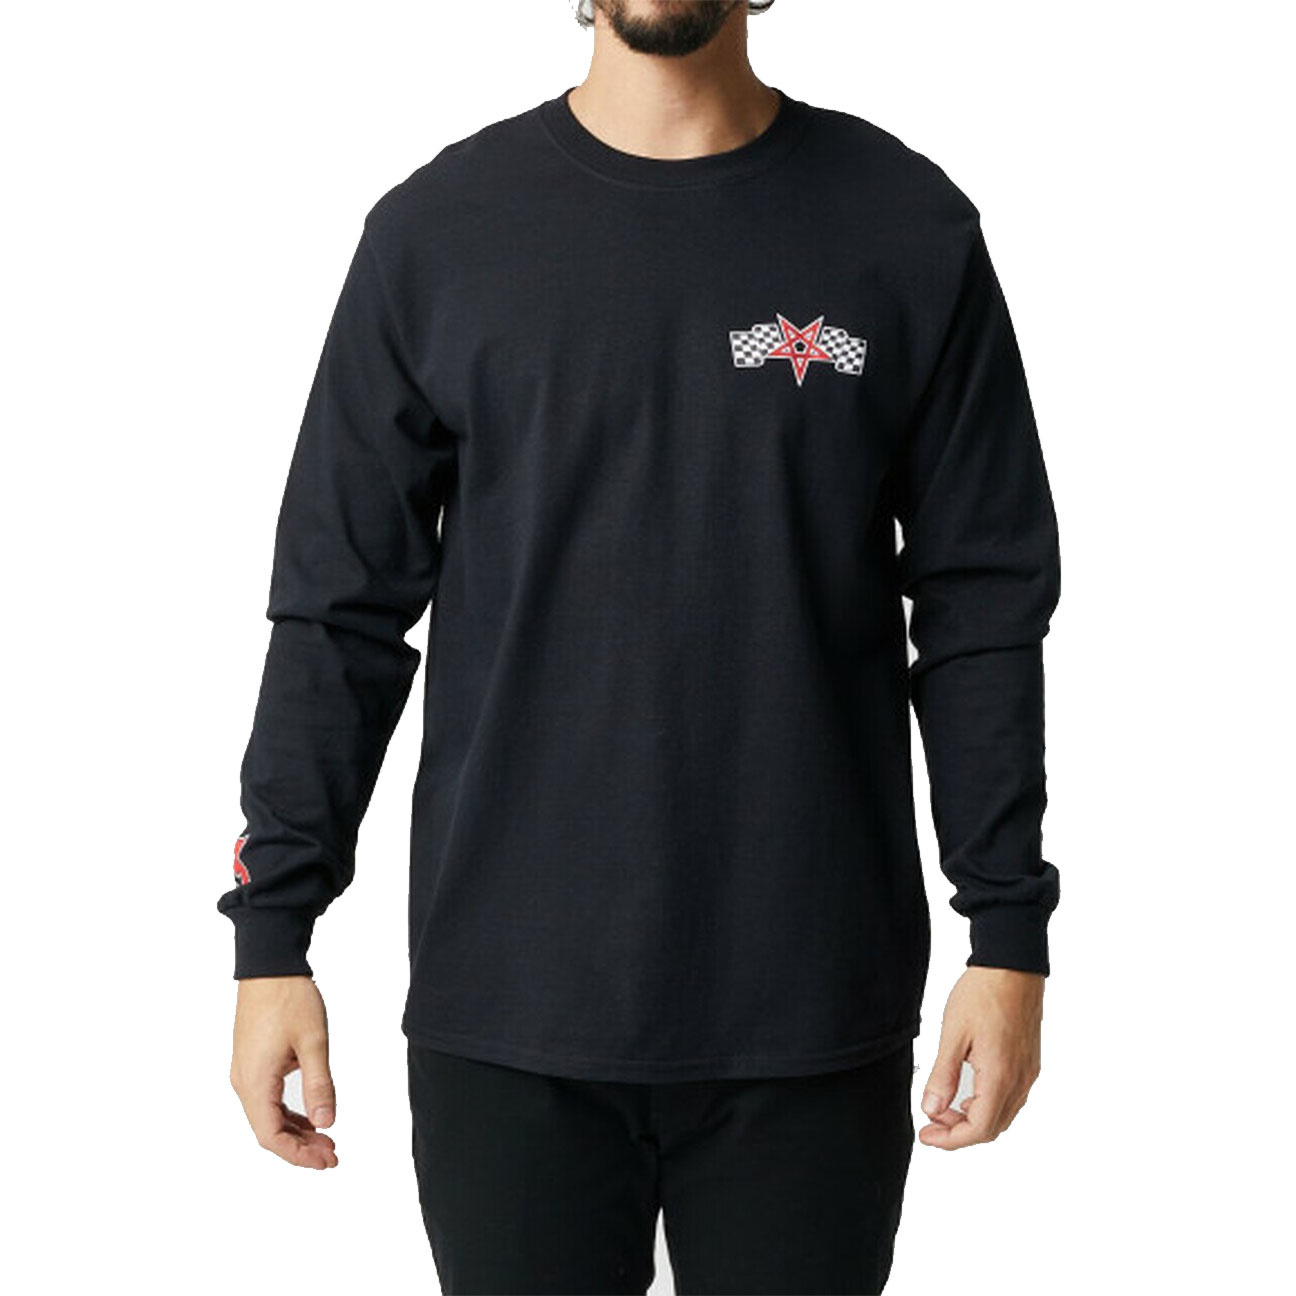 Racing Long-sleeve, Black/Red-3